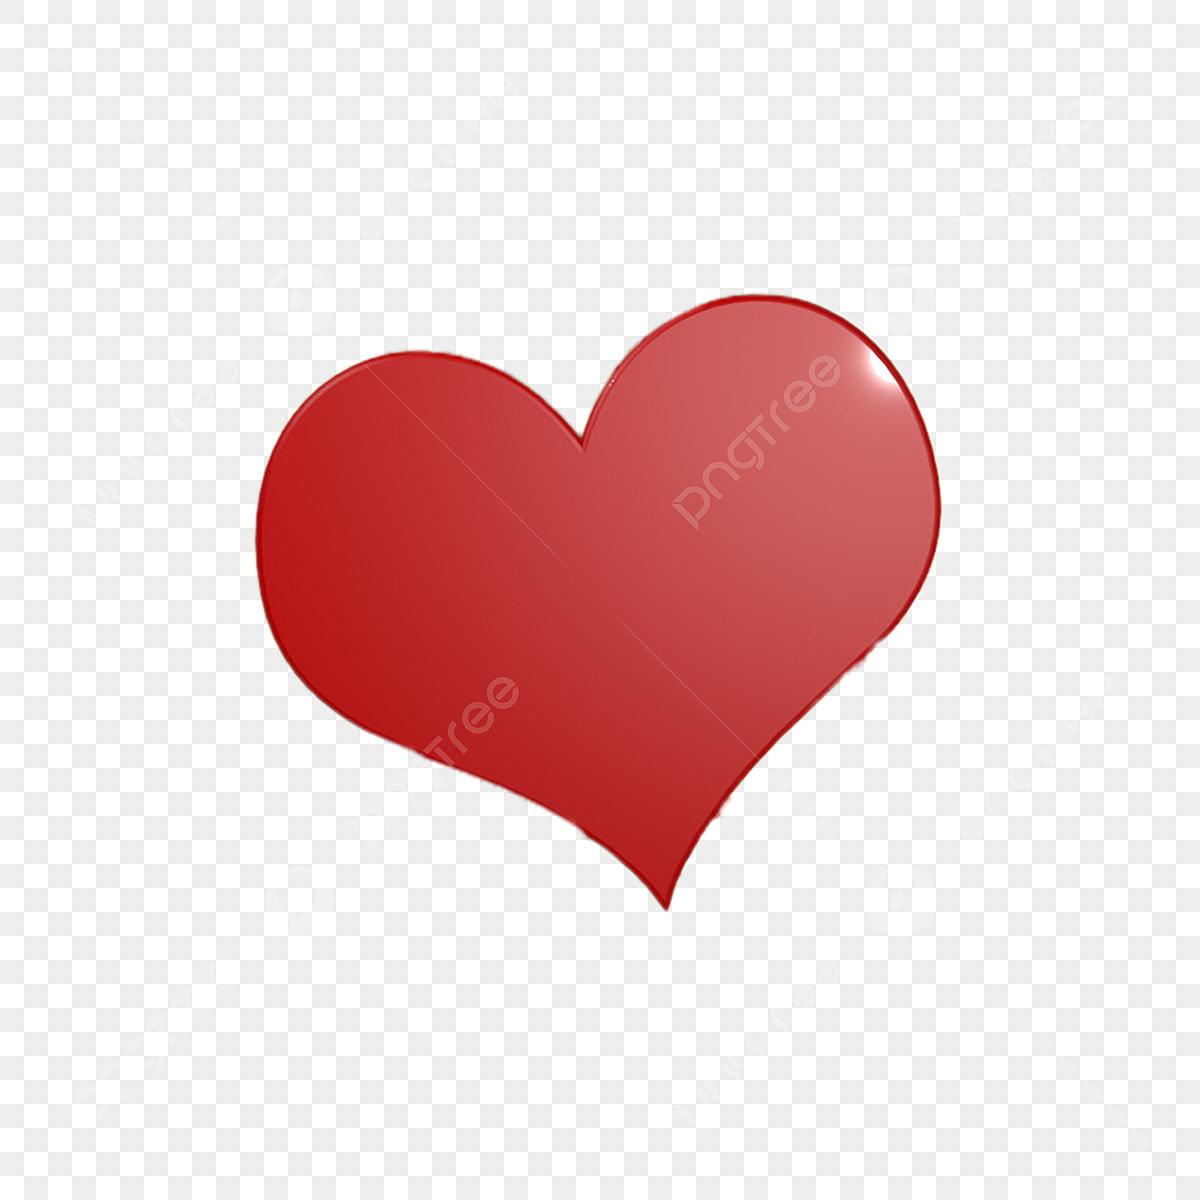 شكل قلب حب زخرفة التجارة الإلكترونية زخرفة الأعياد رسم كاريكاتوري تنزيل Png شكل قلب Png وملف Psd للتحميل مجانا